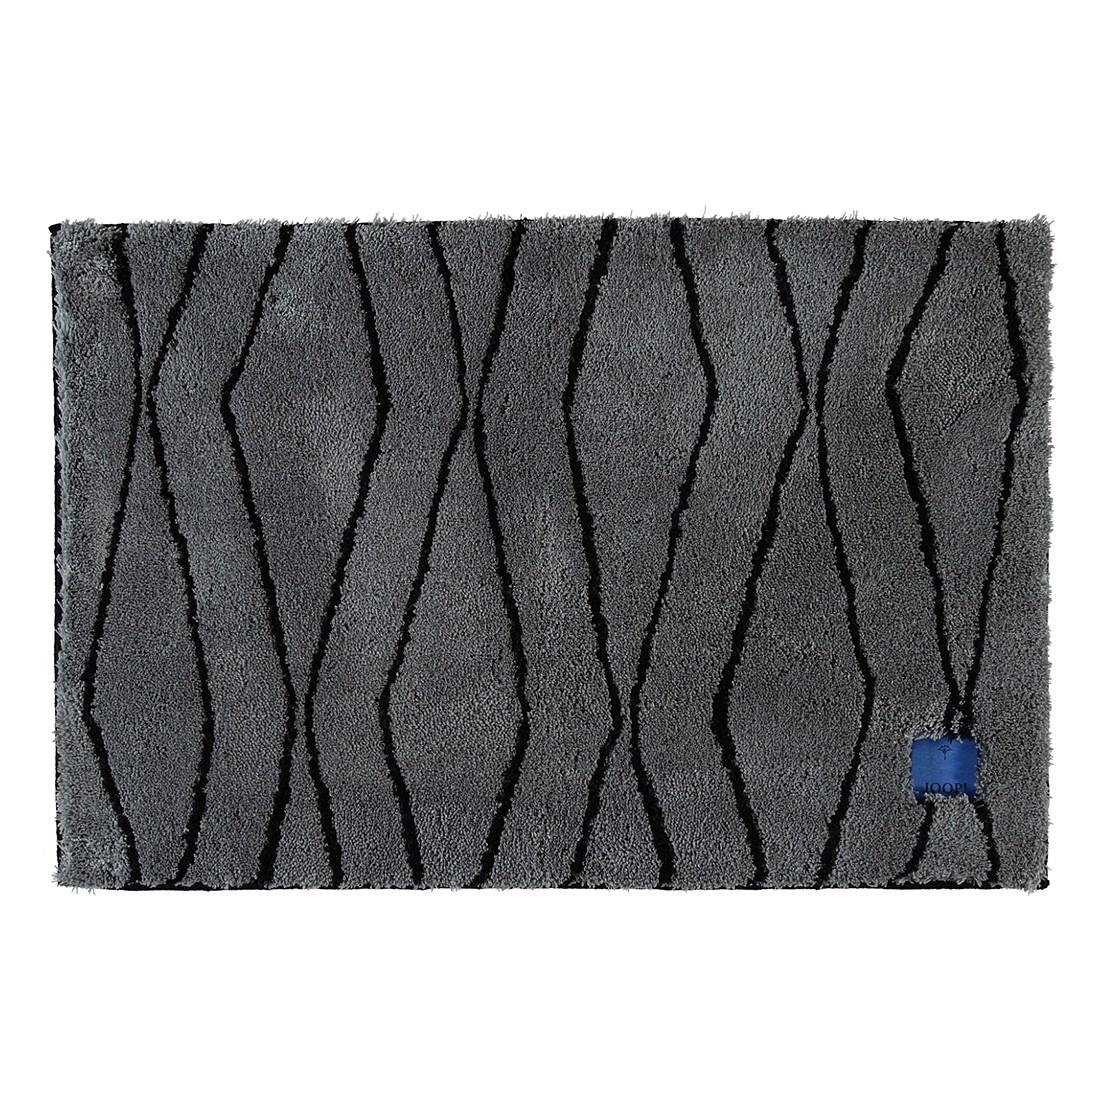 Badteppiche New Matrix – Polyacryl – Graphit – 60×90 cm, Joop günstig kaufen